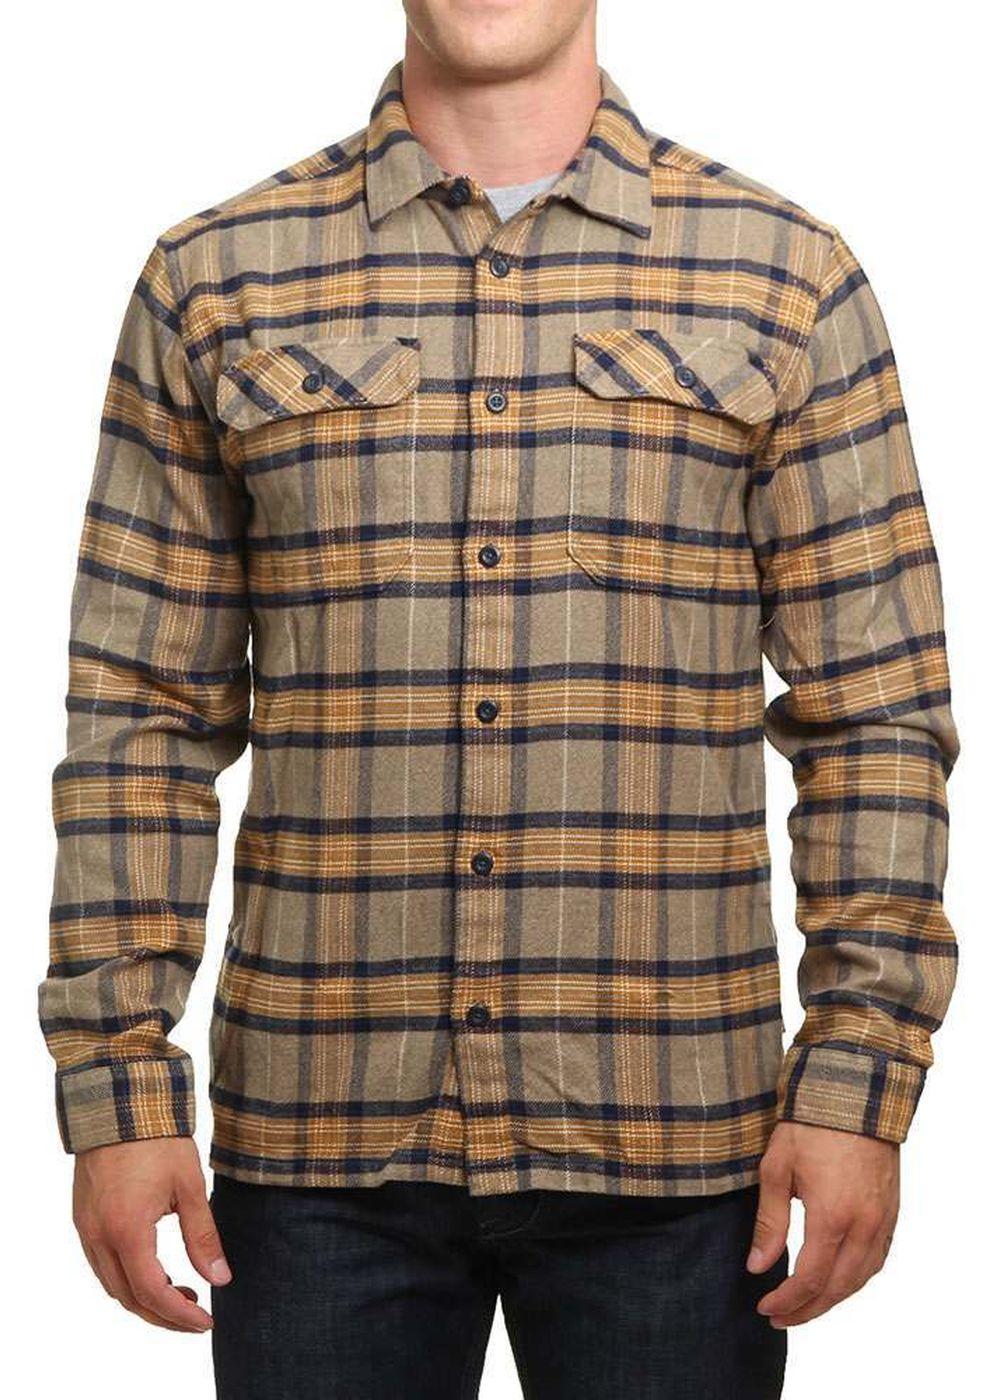 patagonia-fjord-flannel-shirt-mojave-khaki